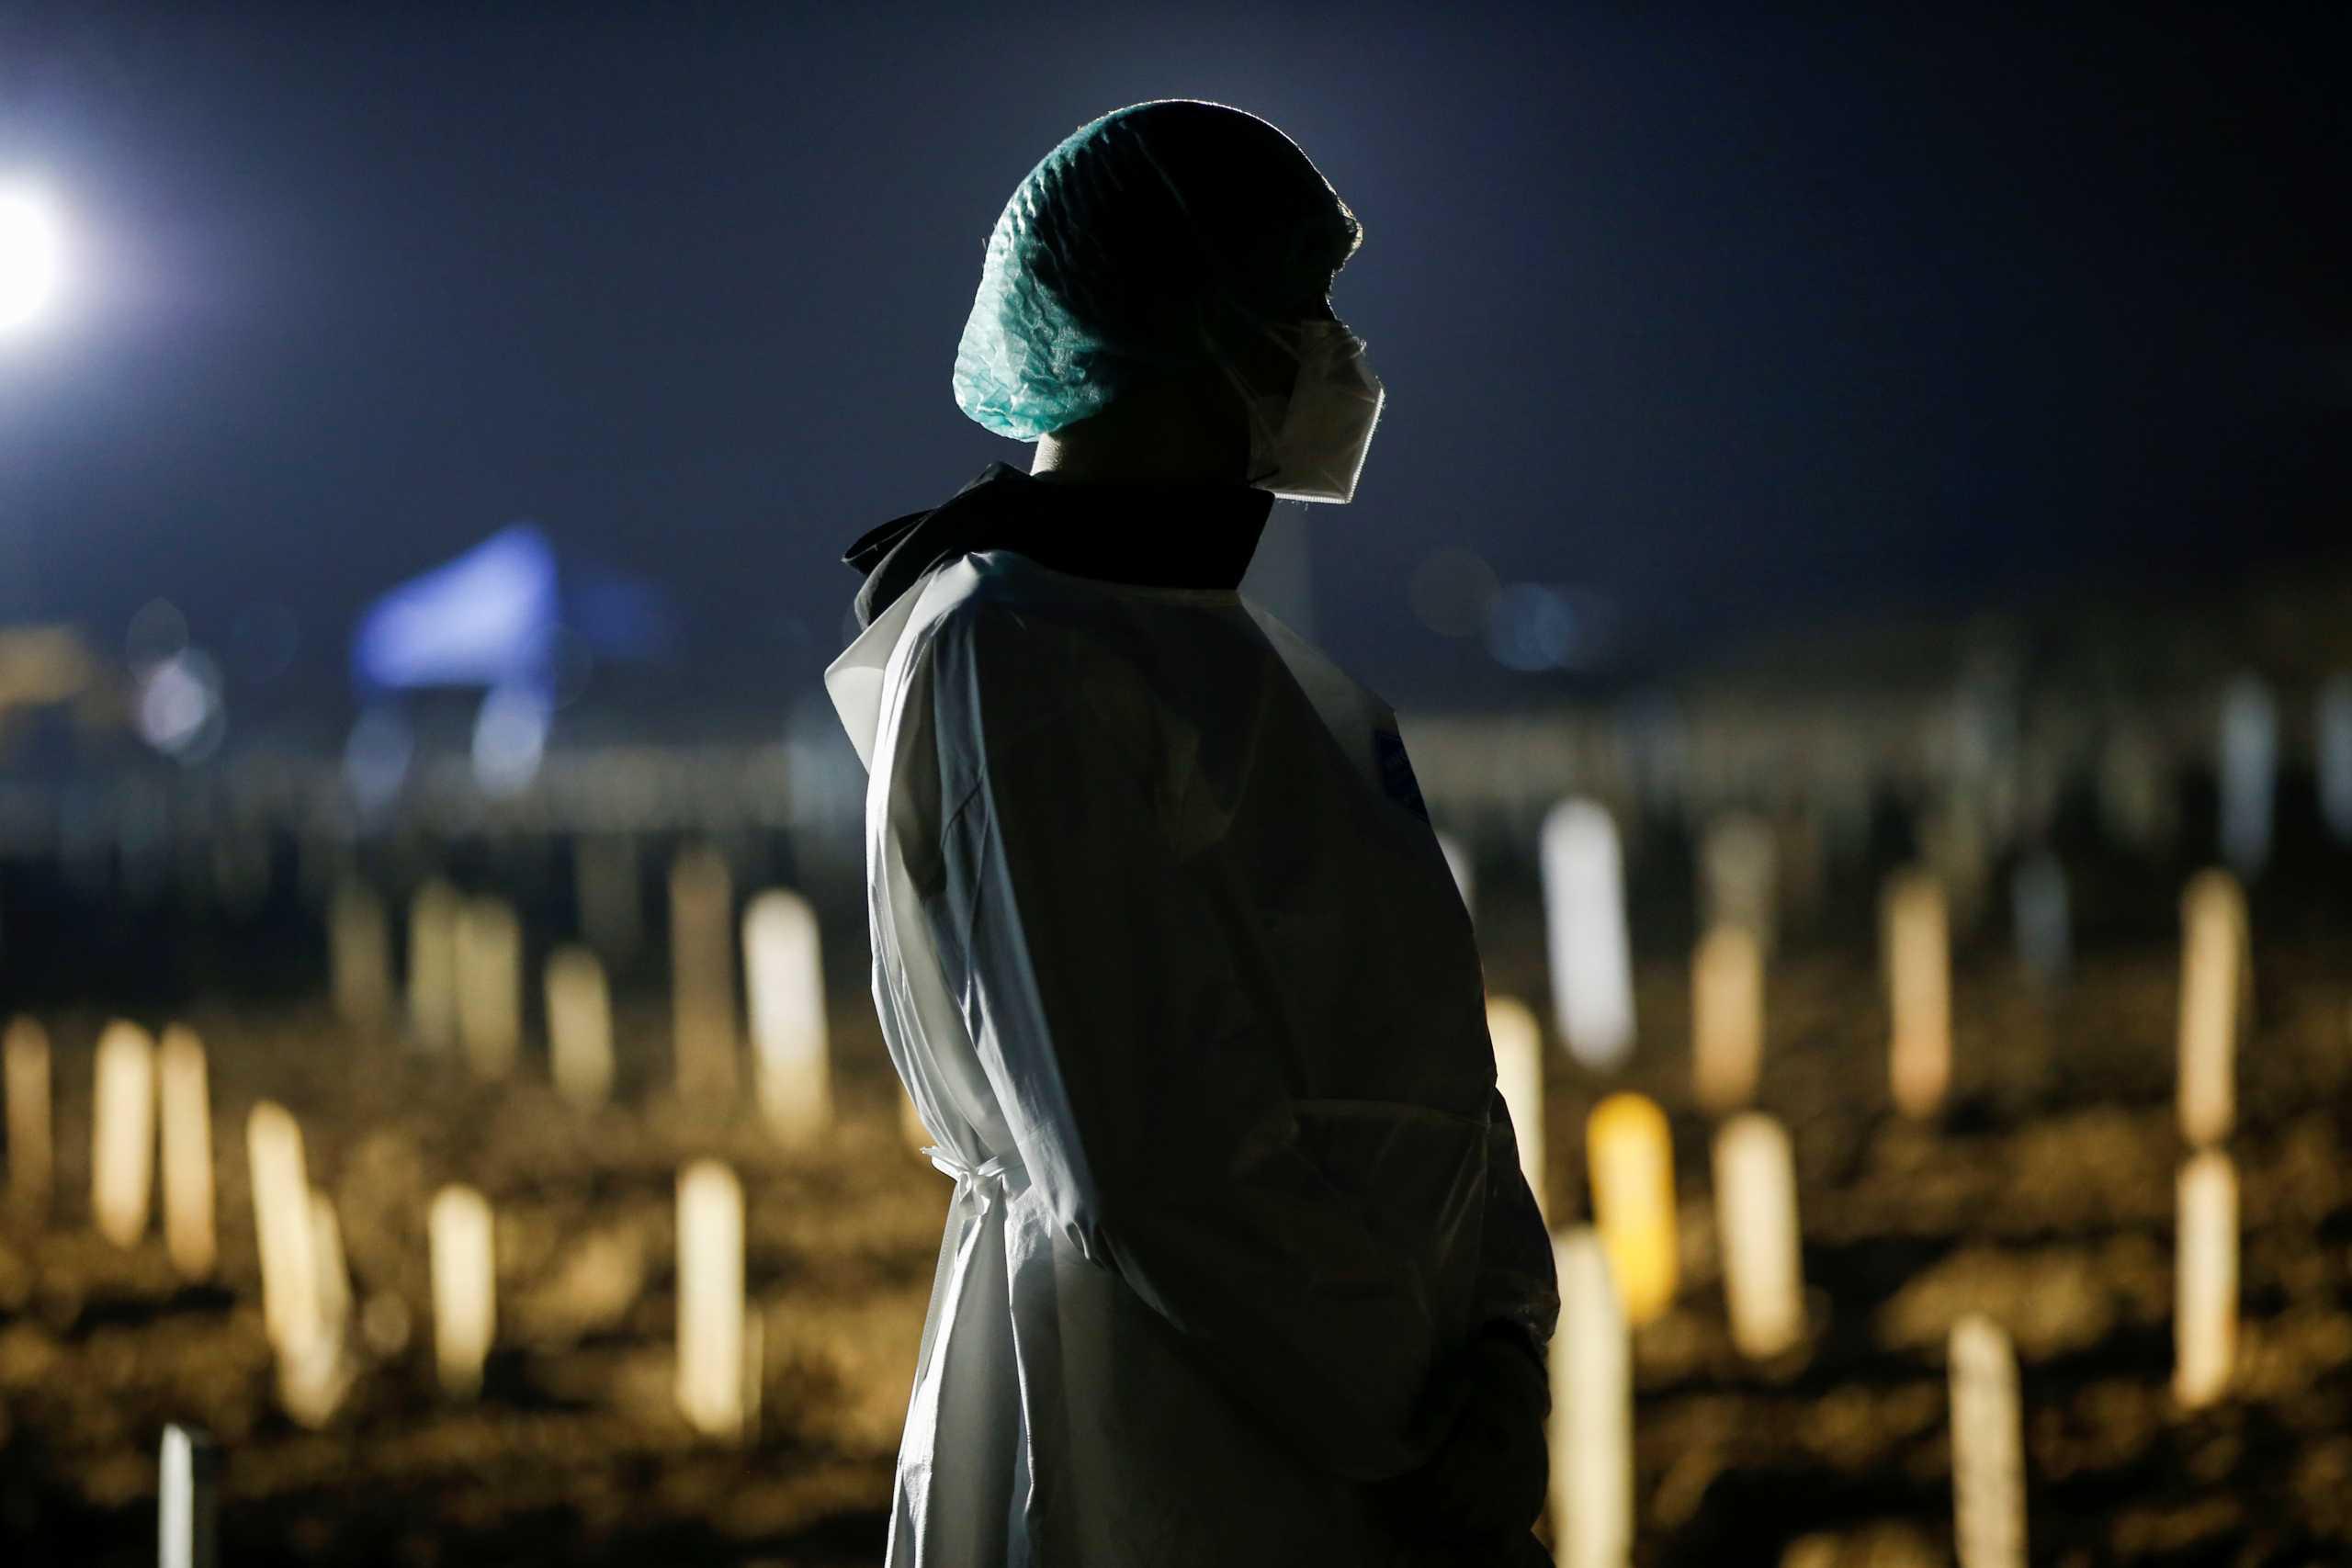 ΠΟΥ: Τουλάχιστον 4.000.000 οι θάνατοι από κορονοϊό – Κώδωνας κινδύνου για «πρόωρη» άρση των μέτρων